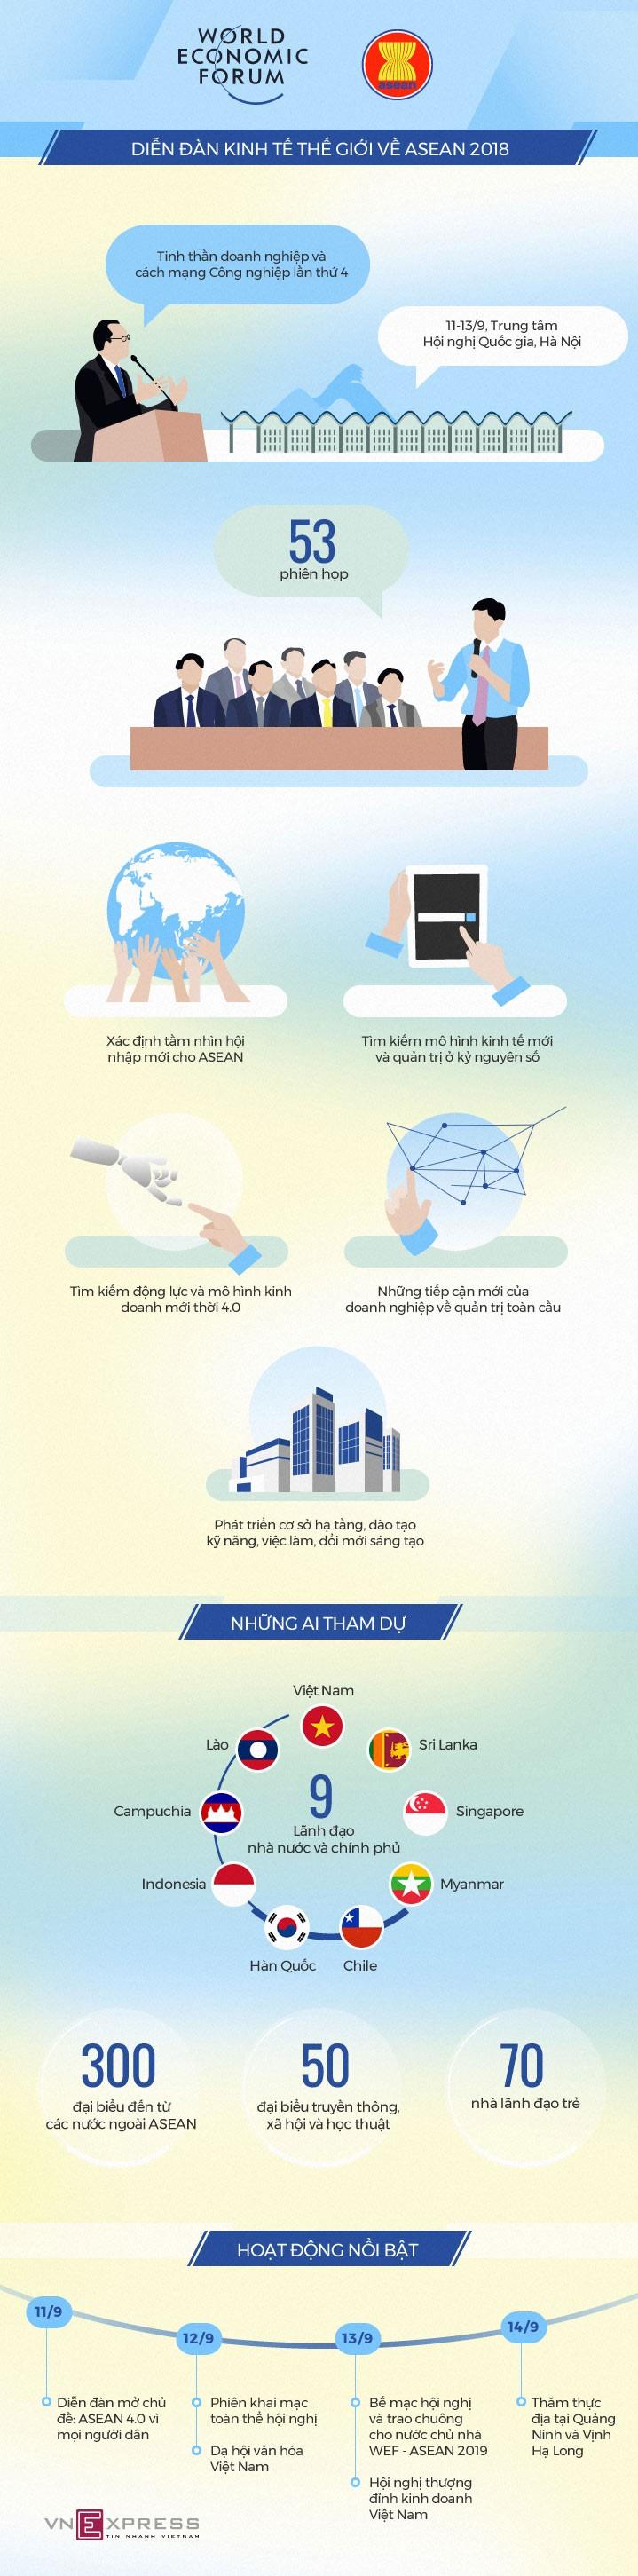 [Infographics] Toàn cảnh WEF ASEAN 2018 sắp diễn ra ở Hà Nội ảnh 1